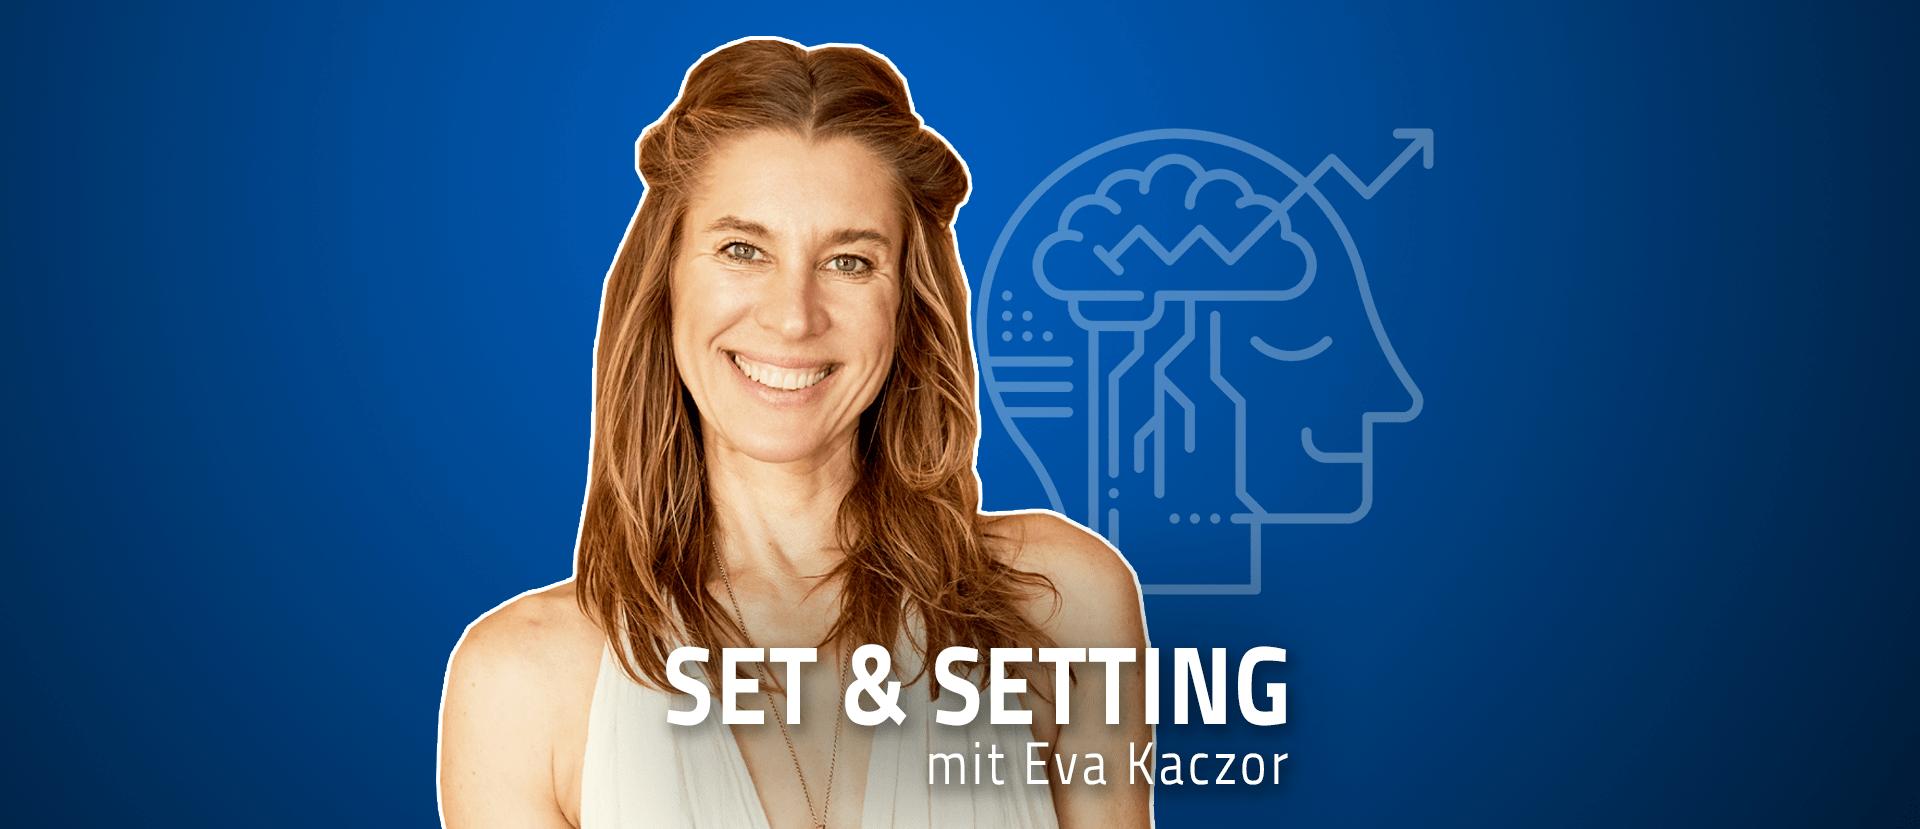 #37 Psychedelische Effekte durch Atmen? Breathwork-Facilitator Eva Kaczor über Herzkohärenz, Quarterlife Crisis, Drogen auf Festivals und den Umgang mit limitierenden Glaubenssätzen